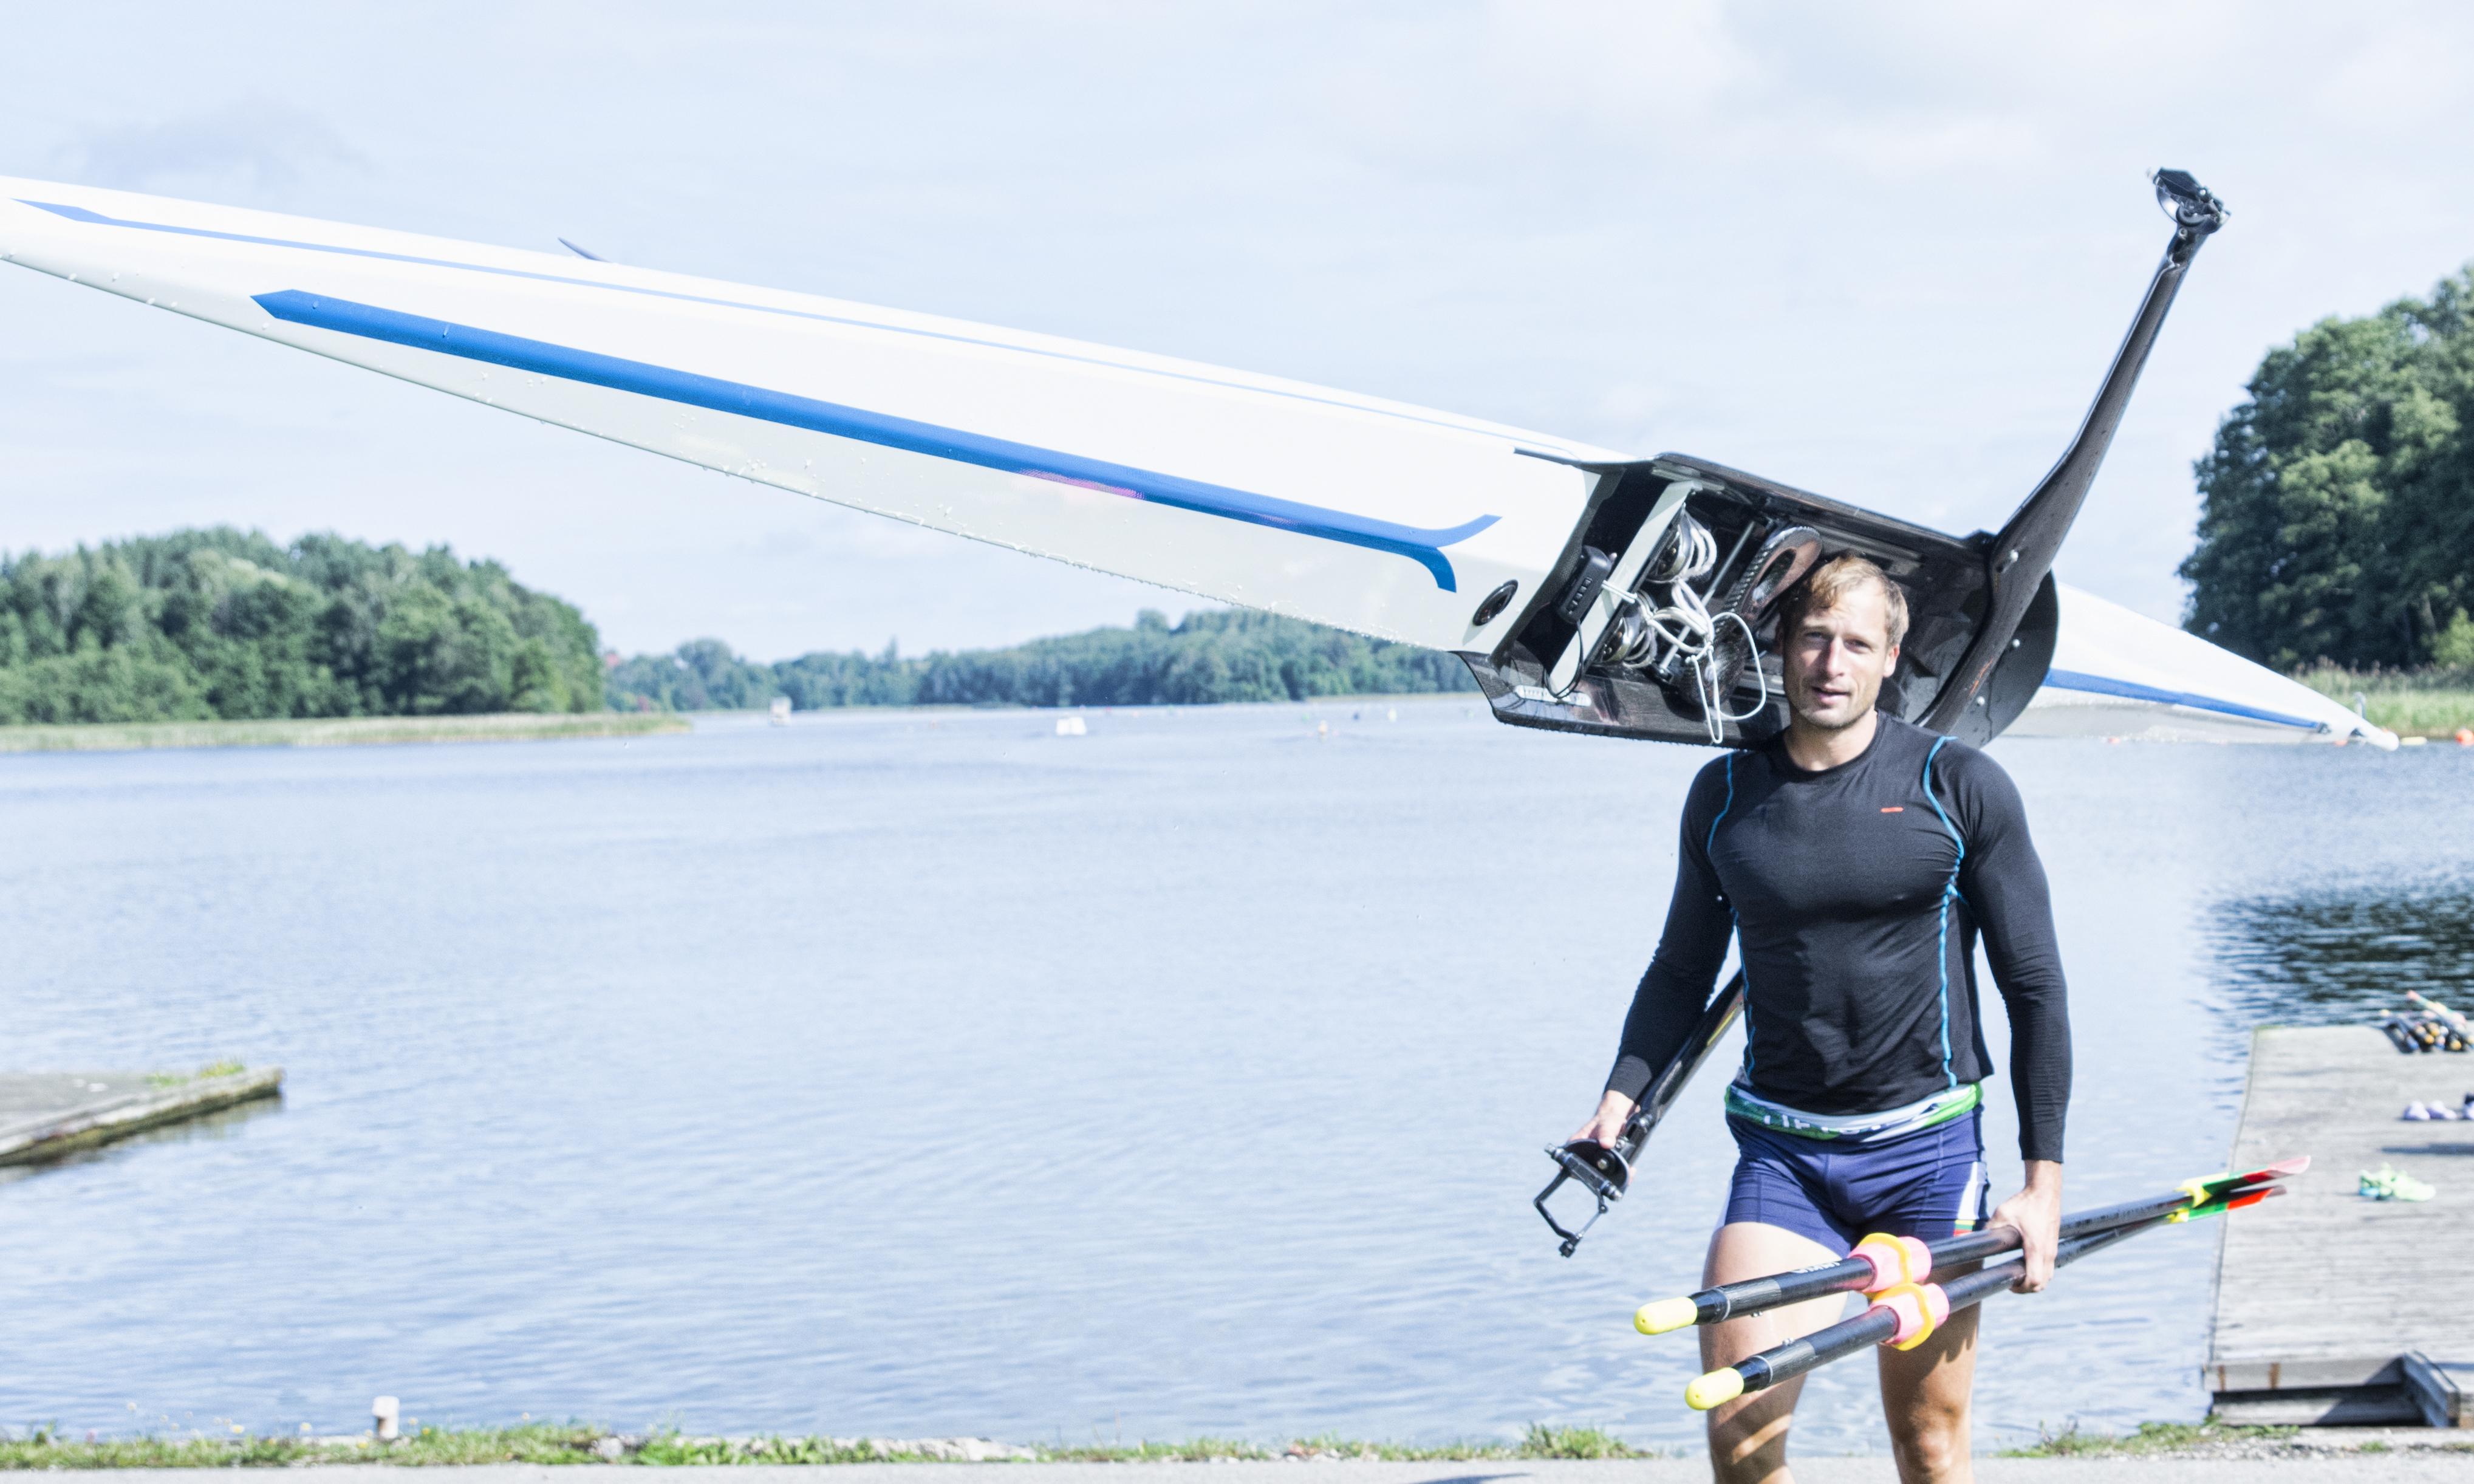 Olimpinį kelialapį iškovojęs M. Griškonis: džiaugiuosi, bet varžybos dar nesibaigė